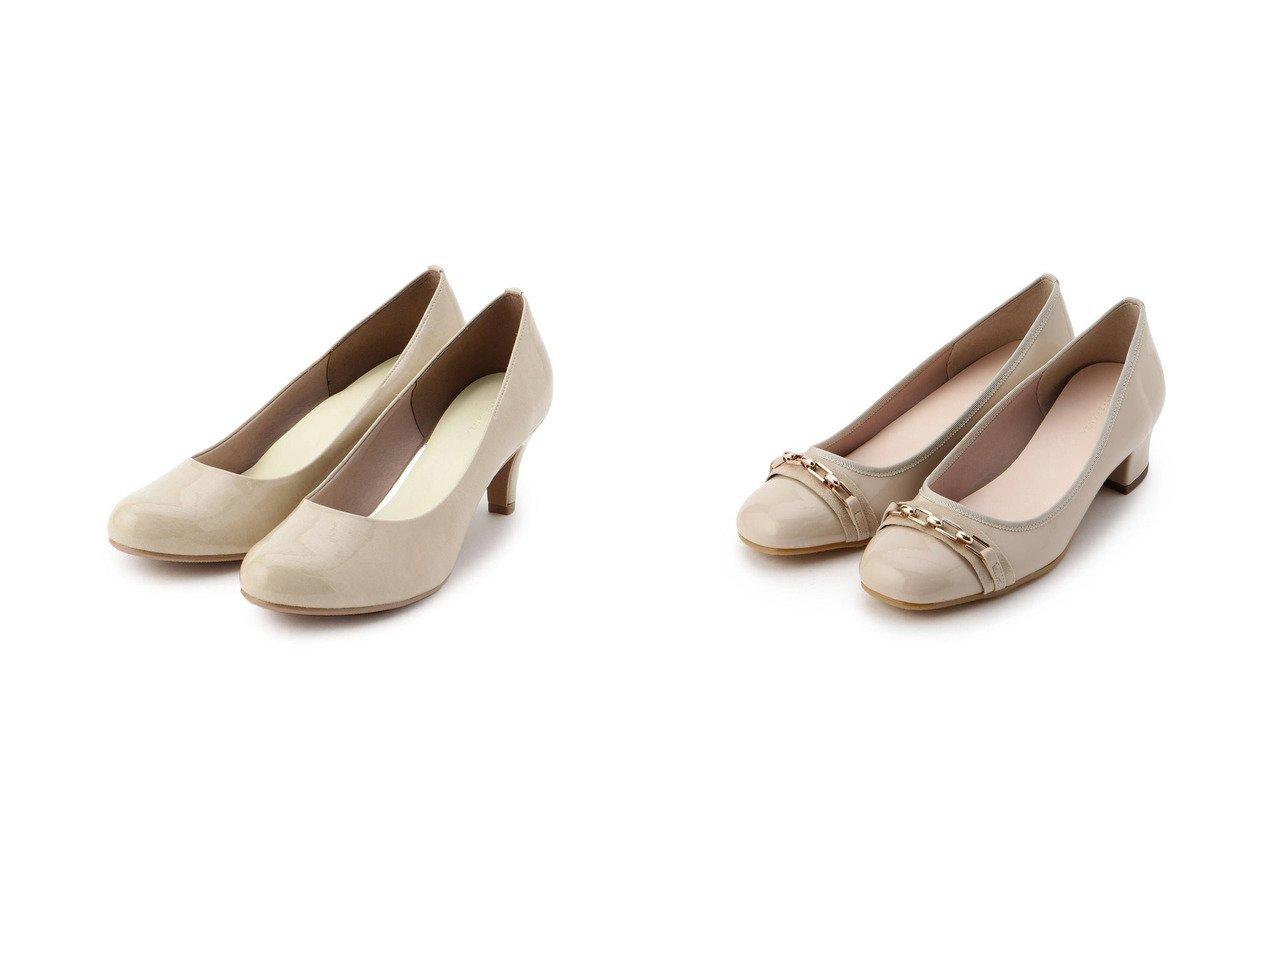 【ESPERANZA/エスペランサ】のレイン仕様スクエアチェーンパンプス&レイン仕様エナメルラウンドトゥパンプス シューズ・靴のおすすめ!人気、トレンド・レディースファッションの通販  おすすめで人気の流行・トレンド、ファッションの通販商品 メンズファッション・キッズファッション・インテリア・家具・レディースファッション・服の通販 founy(ファニー) https://founy.com/ ファッション Fashion レディースファッション WOMEN 2021年 2021 2021 春夏 S/S SS Spring/Summer 2021 S/S 春夏 SS Spring/Summer エナメル シンプル レイン 春 Spring  ID:crp329100000019265